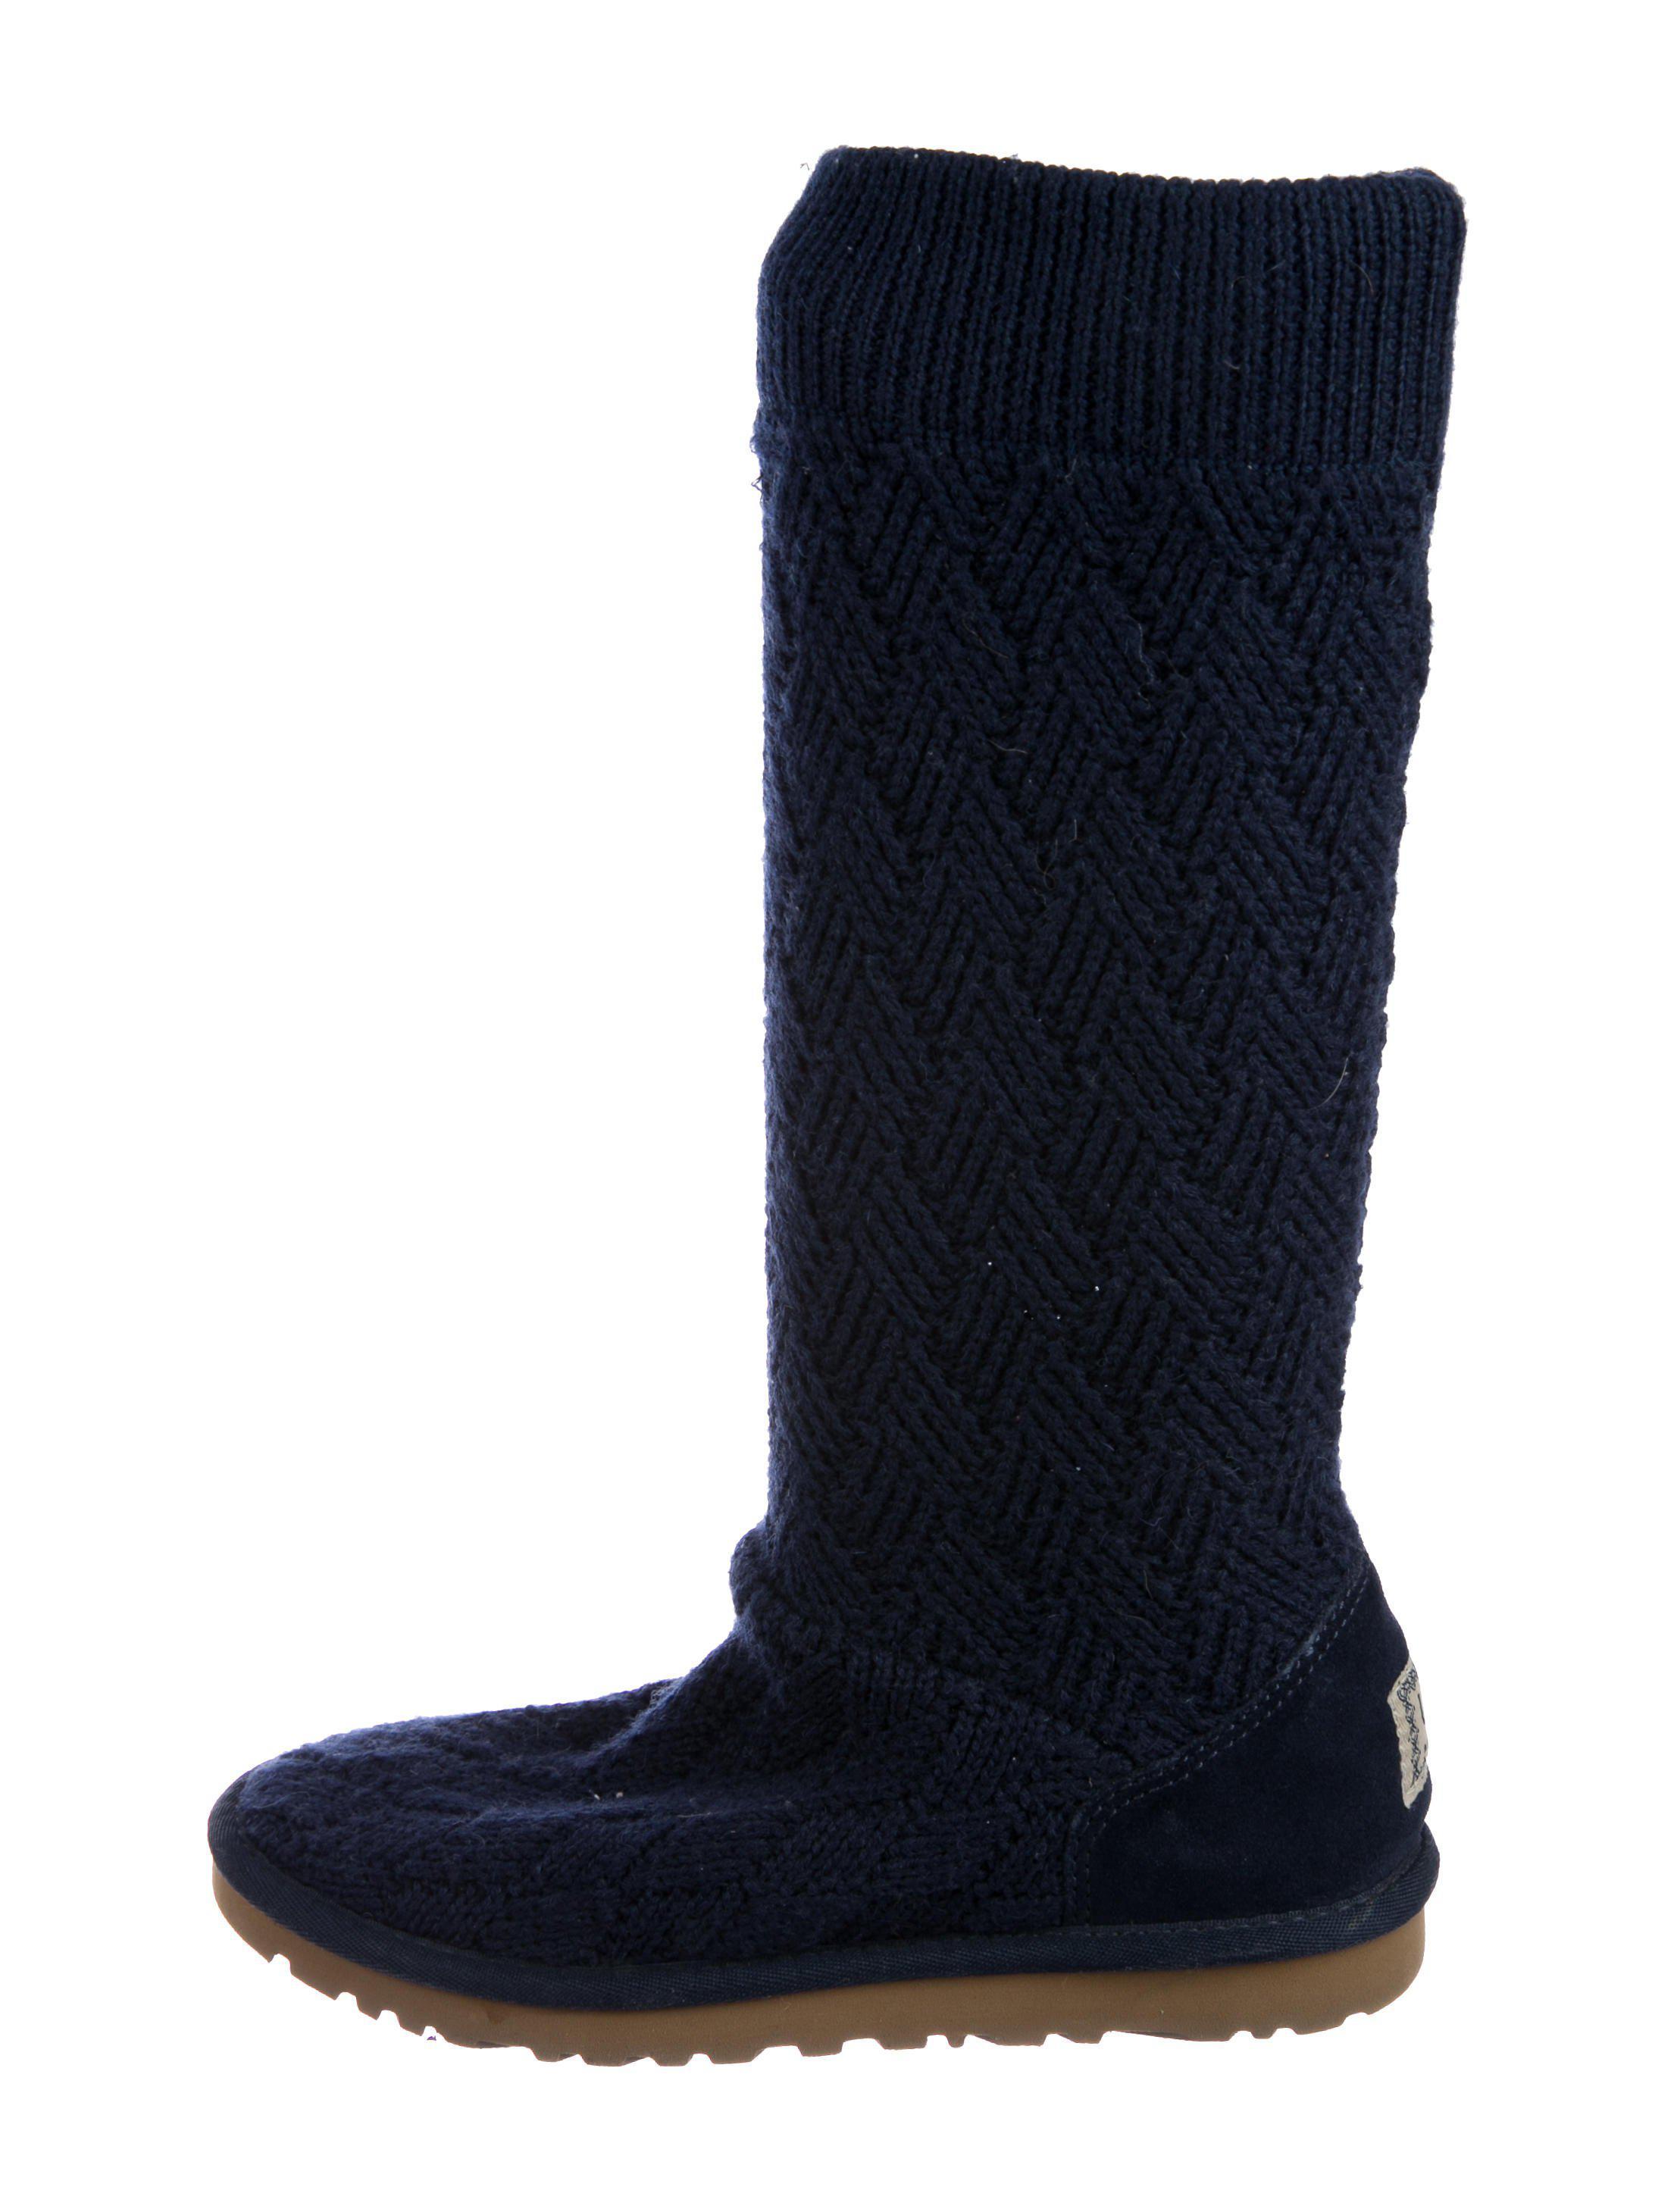 UGG. Women's Blue Knit Knee-high Boots Navy